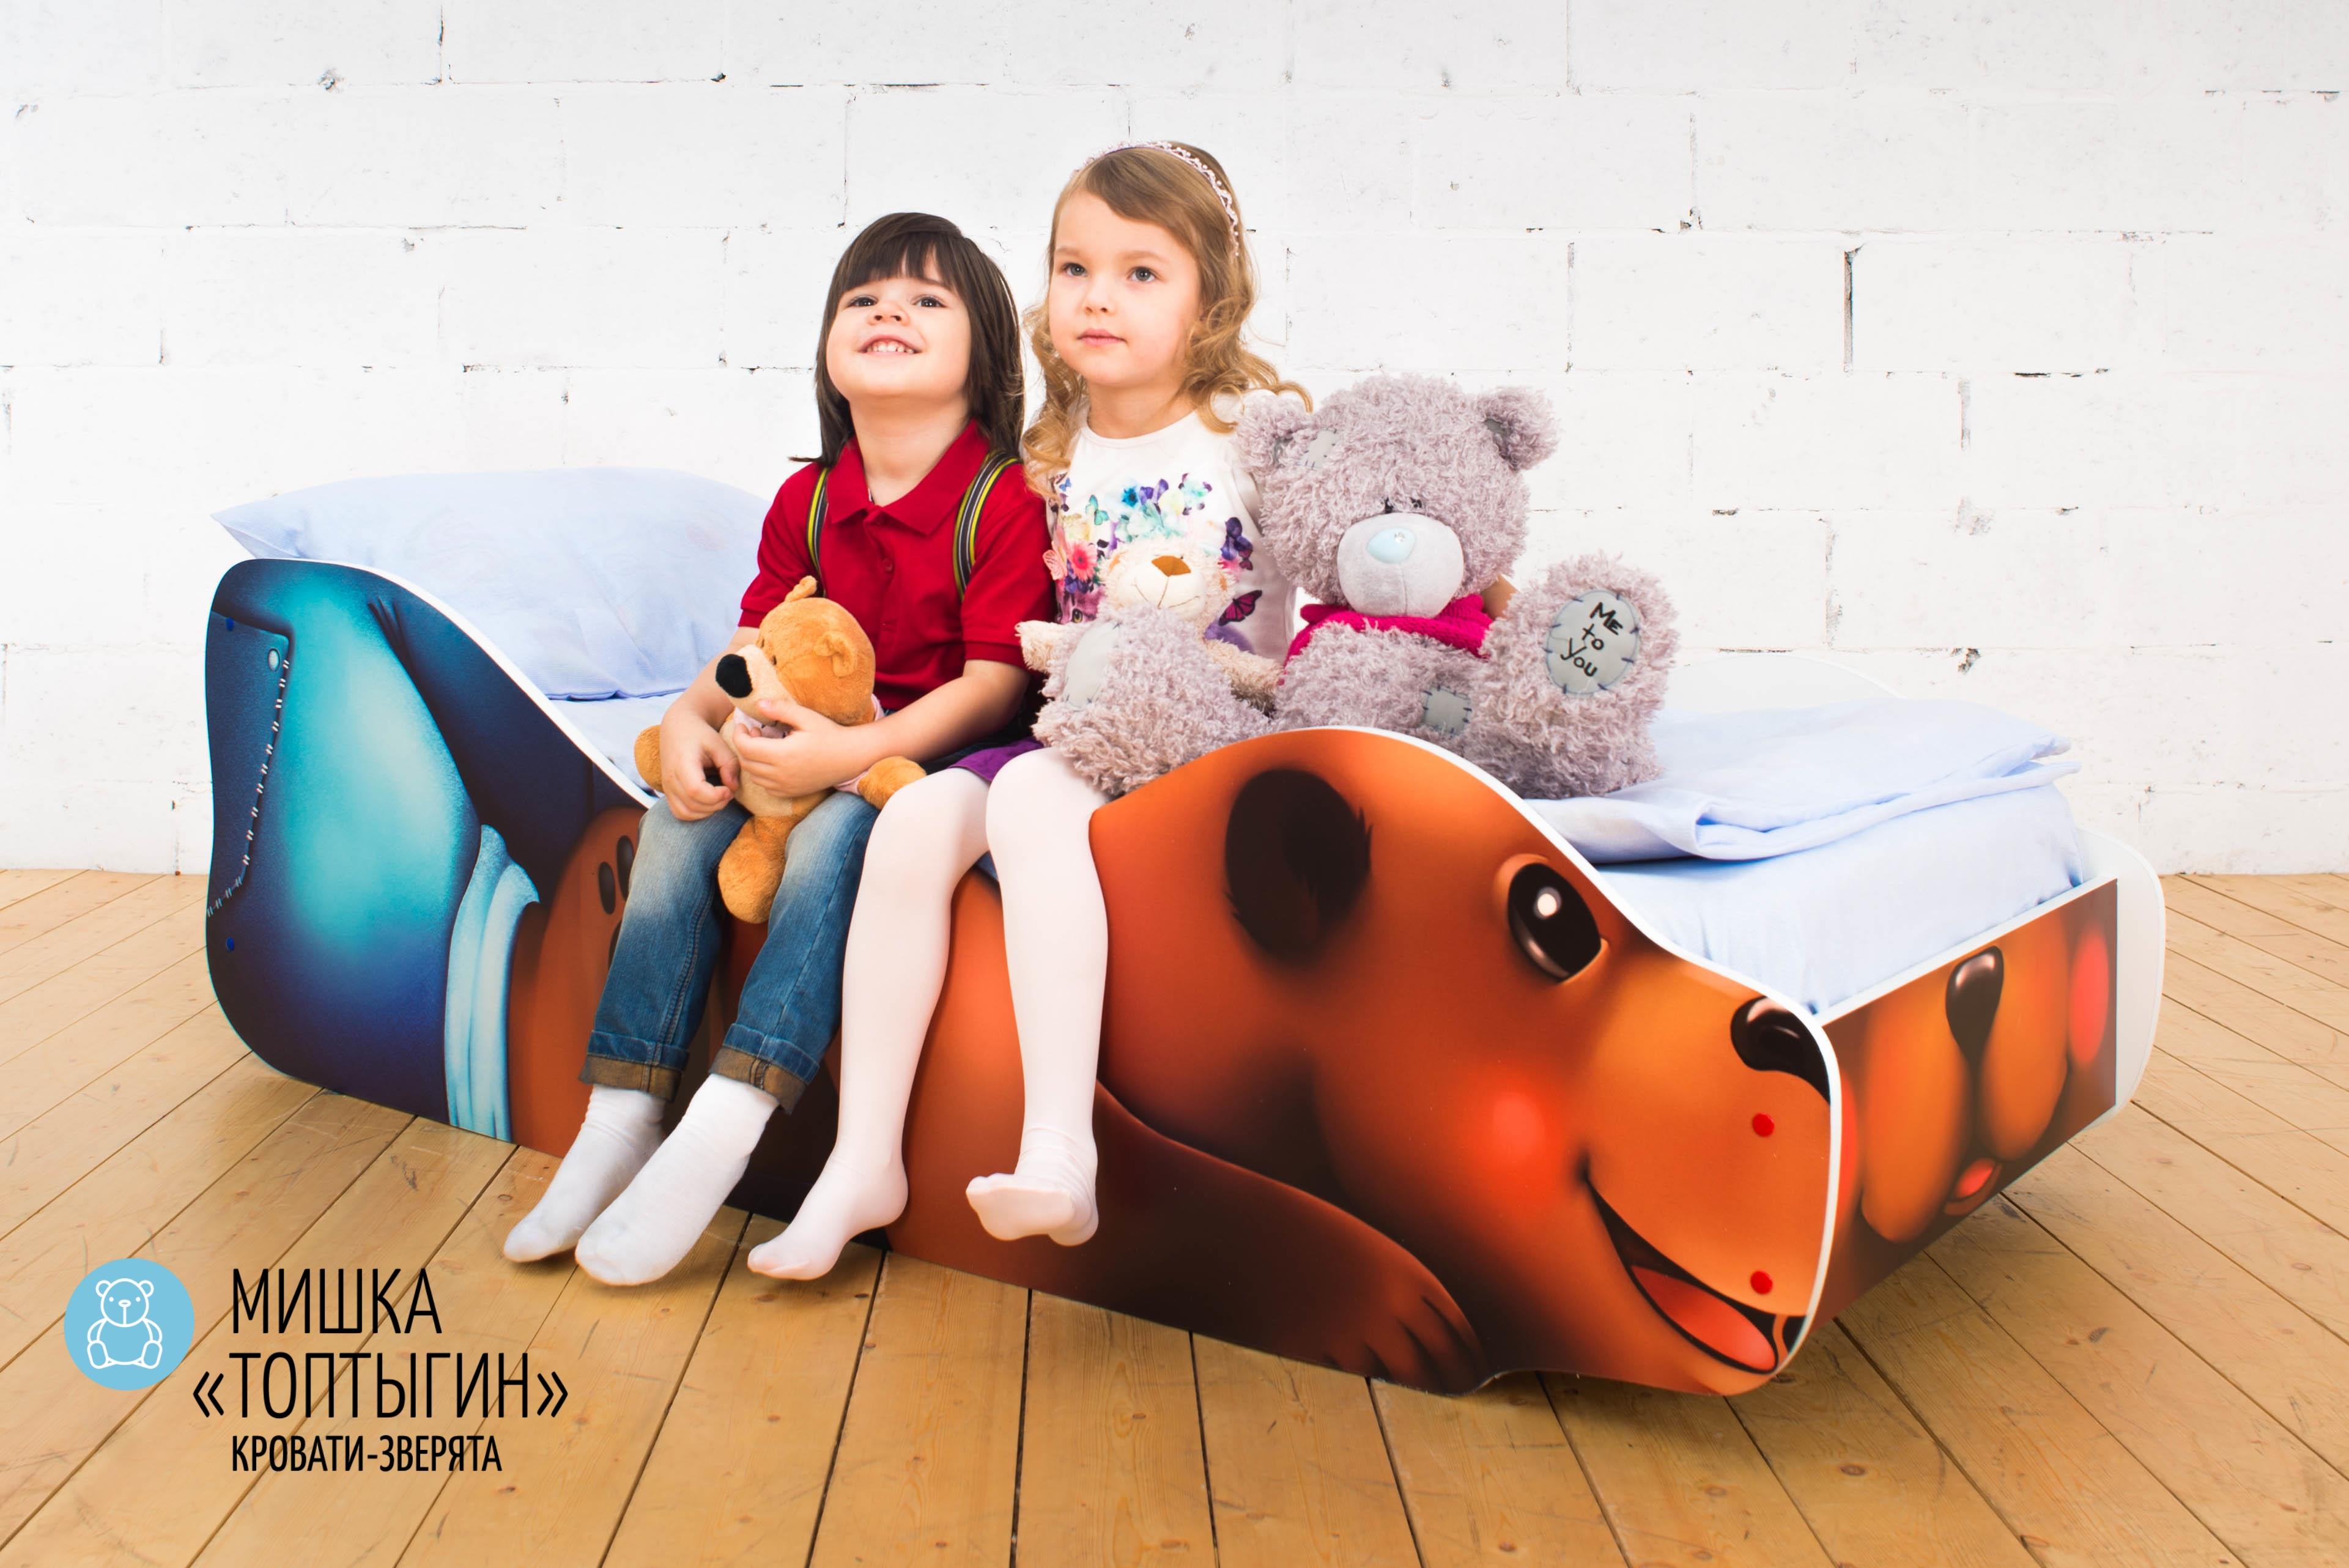 Детская кровать-зверенок -Мишка-Топтыгин-6